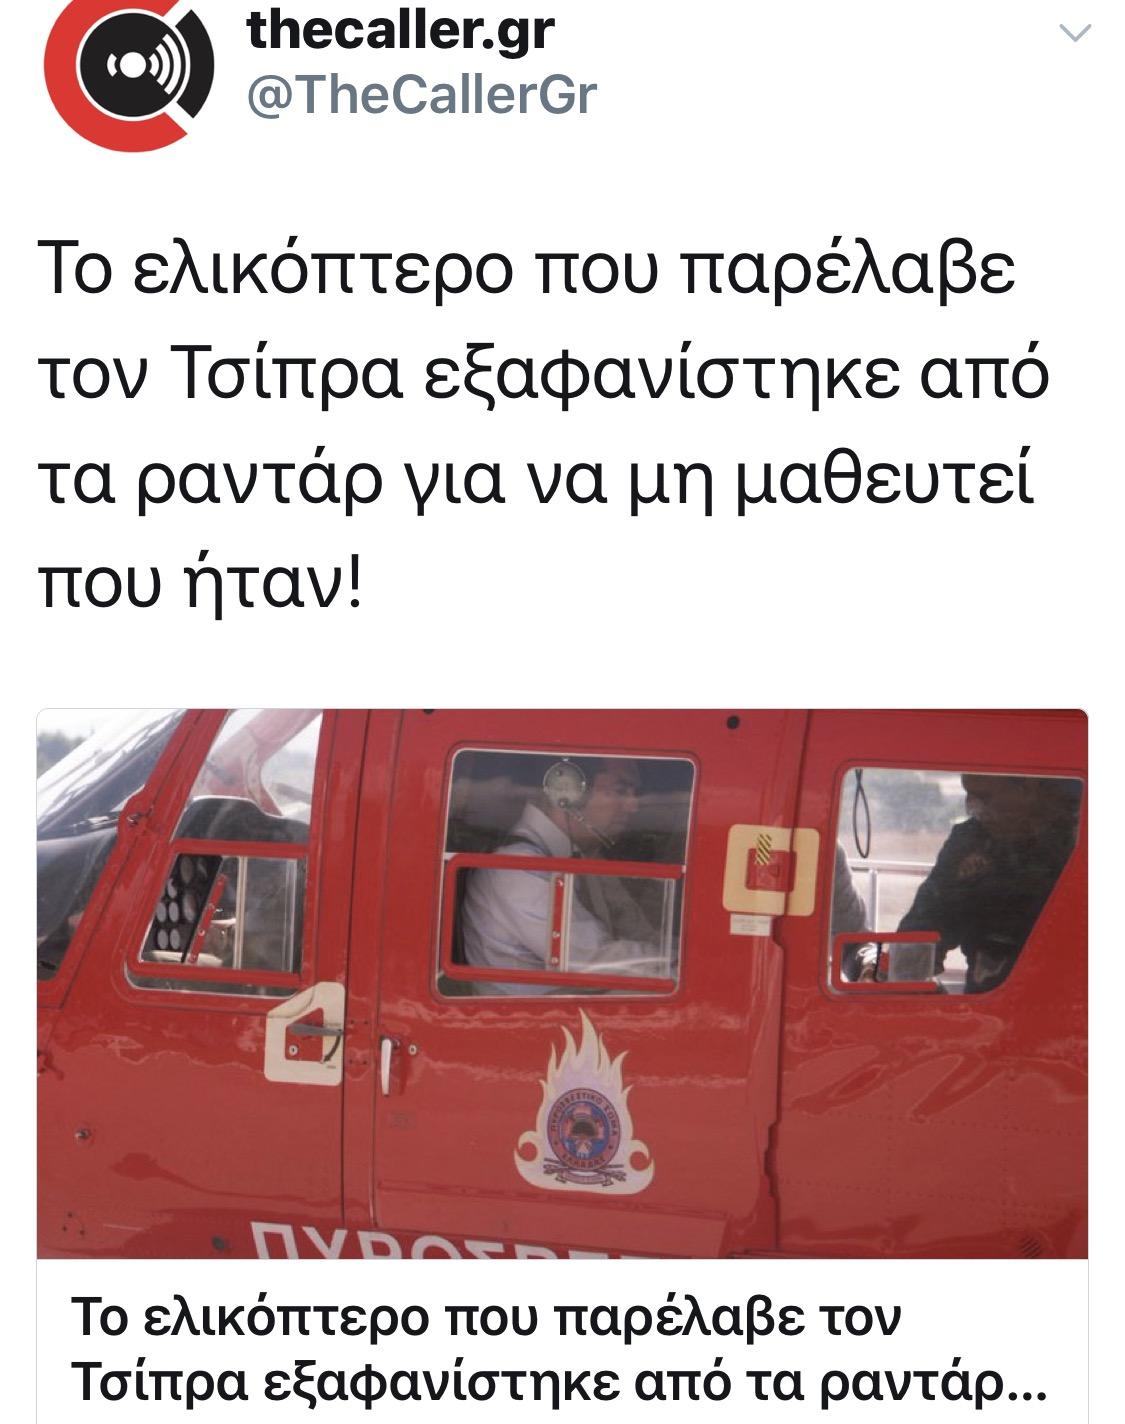 ΑΠΟΚΑΛΥΨΗ Με τεχνολογια που του δώρισε η ομάδα Ε κυβερνά ο Τσιπρας!